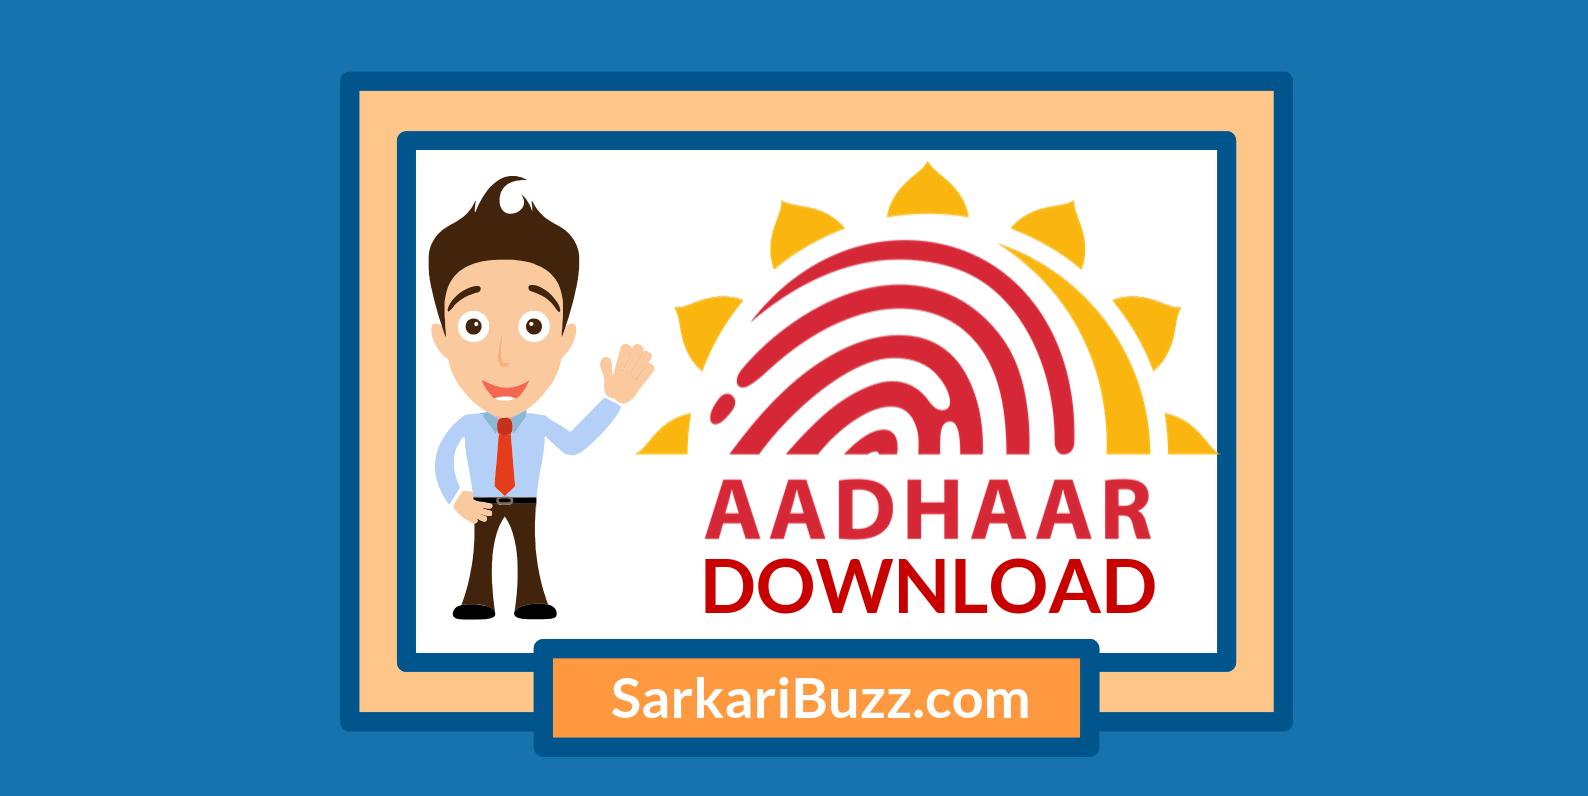 eaadhar download